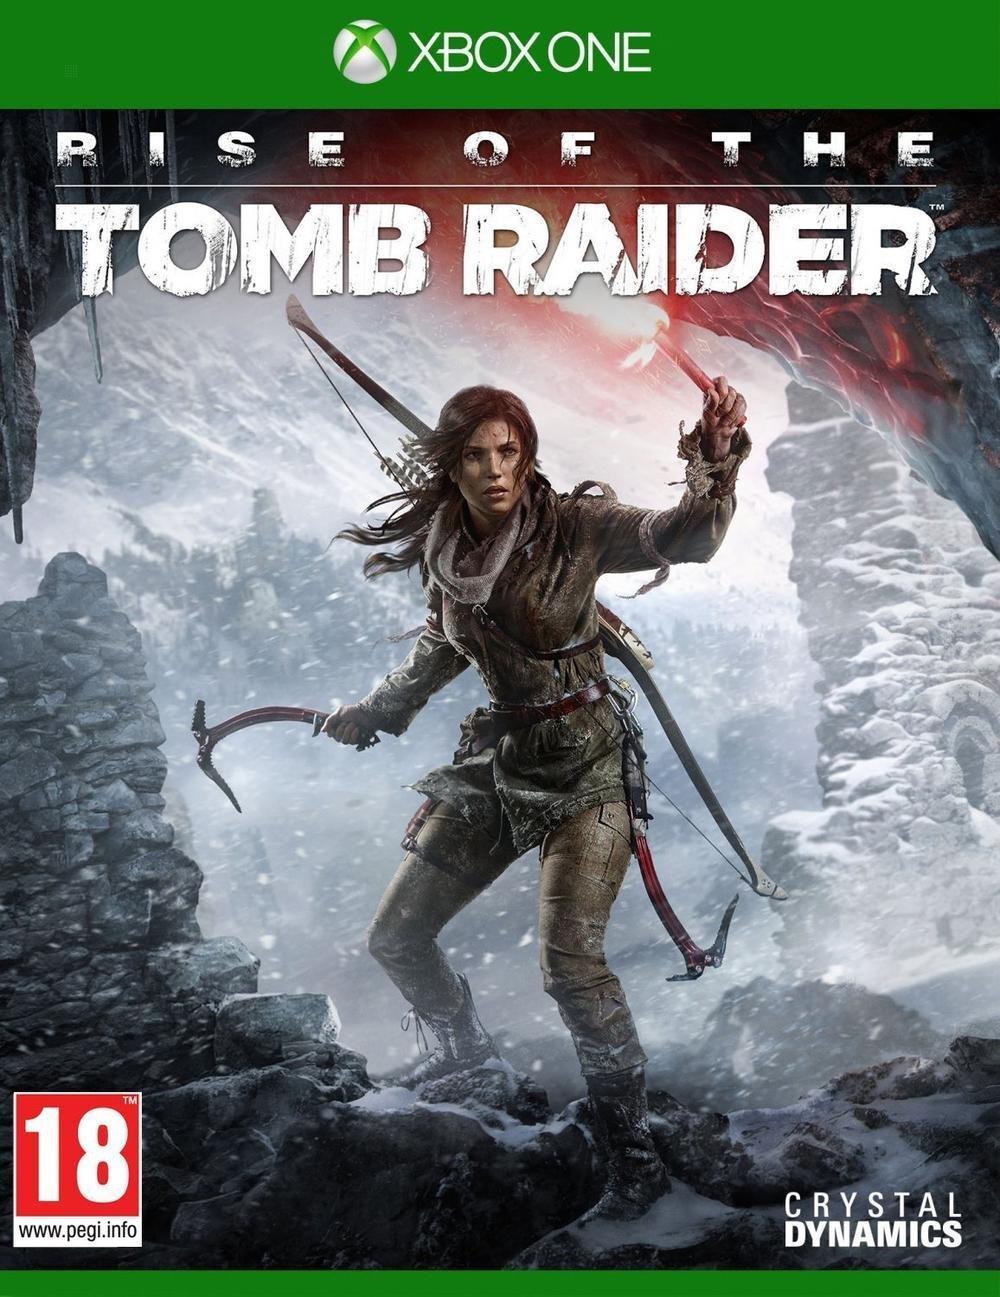 2 jeux Xbox One parmi une sélection pour 55€ - Ex : Halo 5 : Guardians + Rise of the Tomb Raider